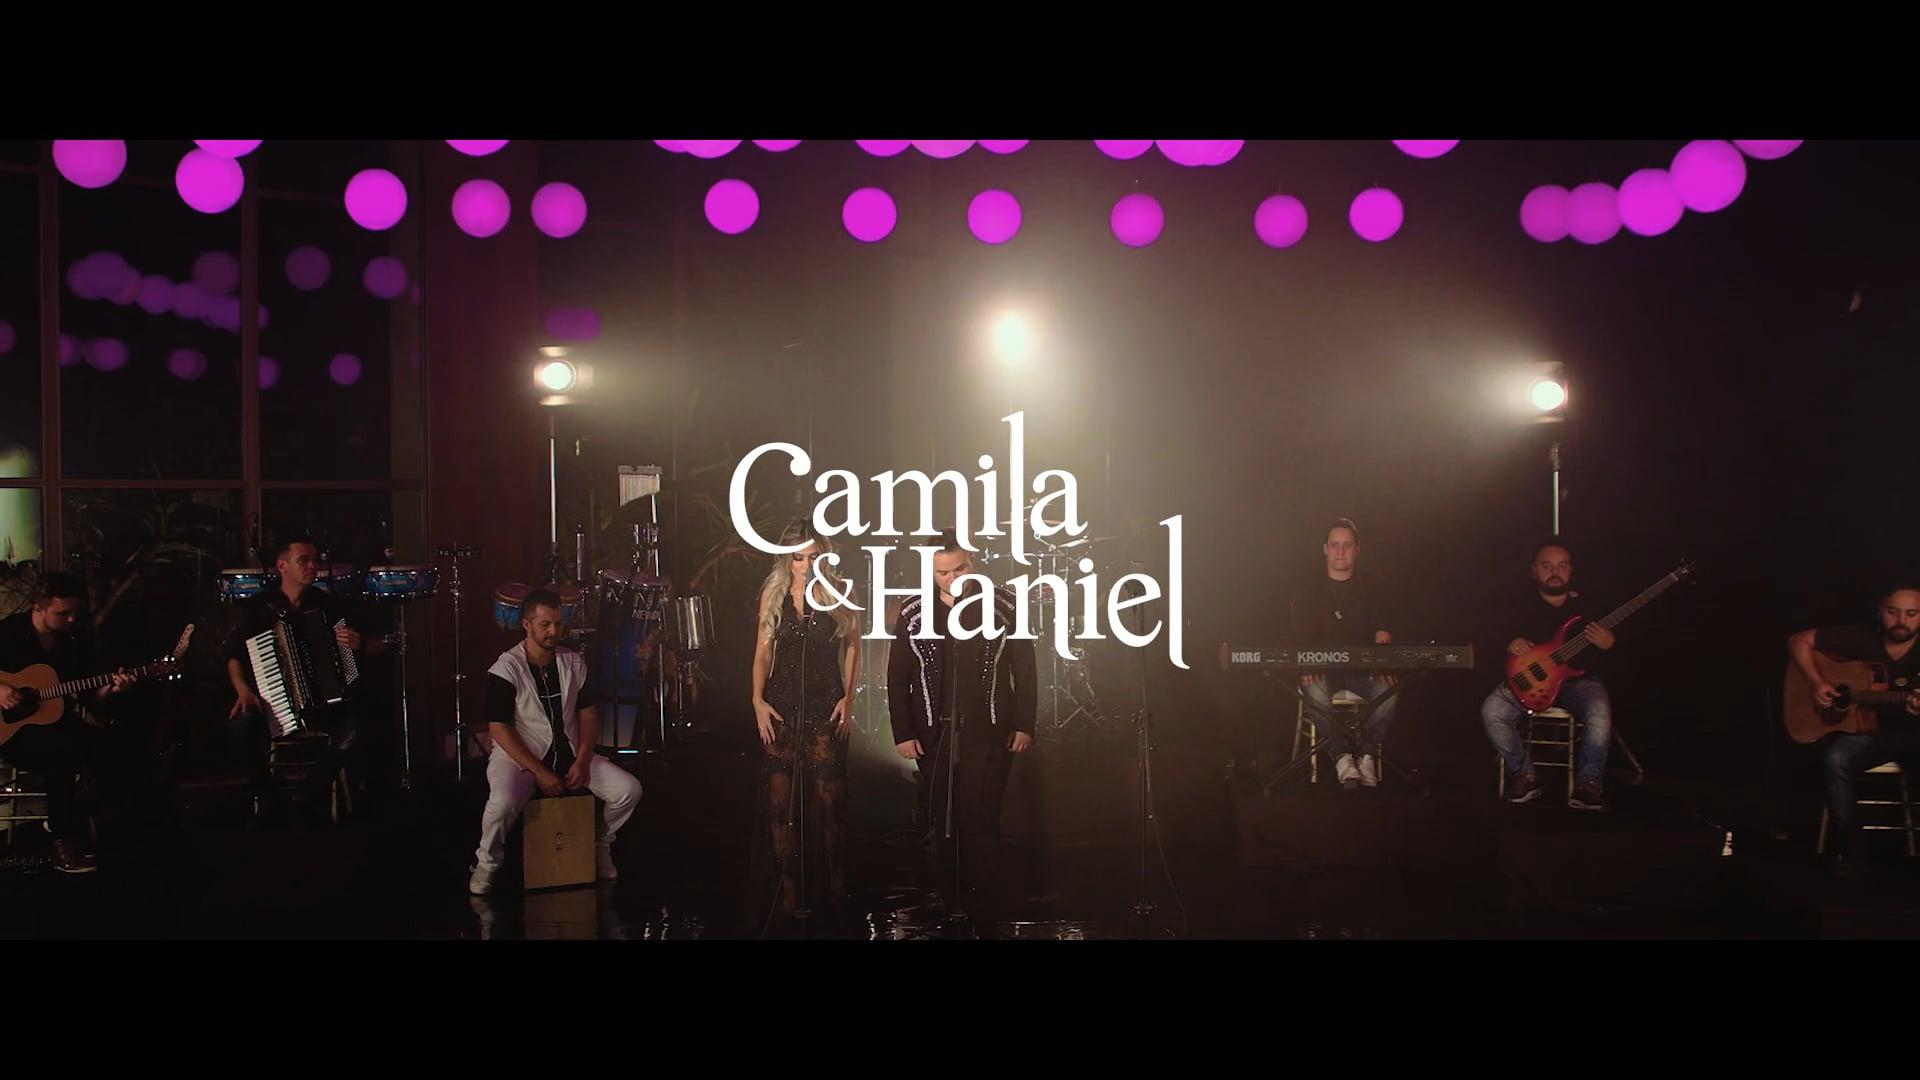 Camila e Haniel - Giz no Chão (Part. Naiara Azevedo)